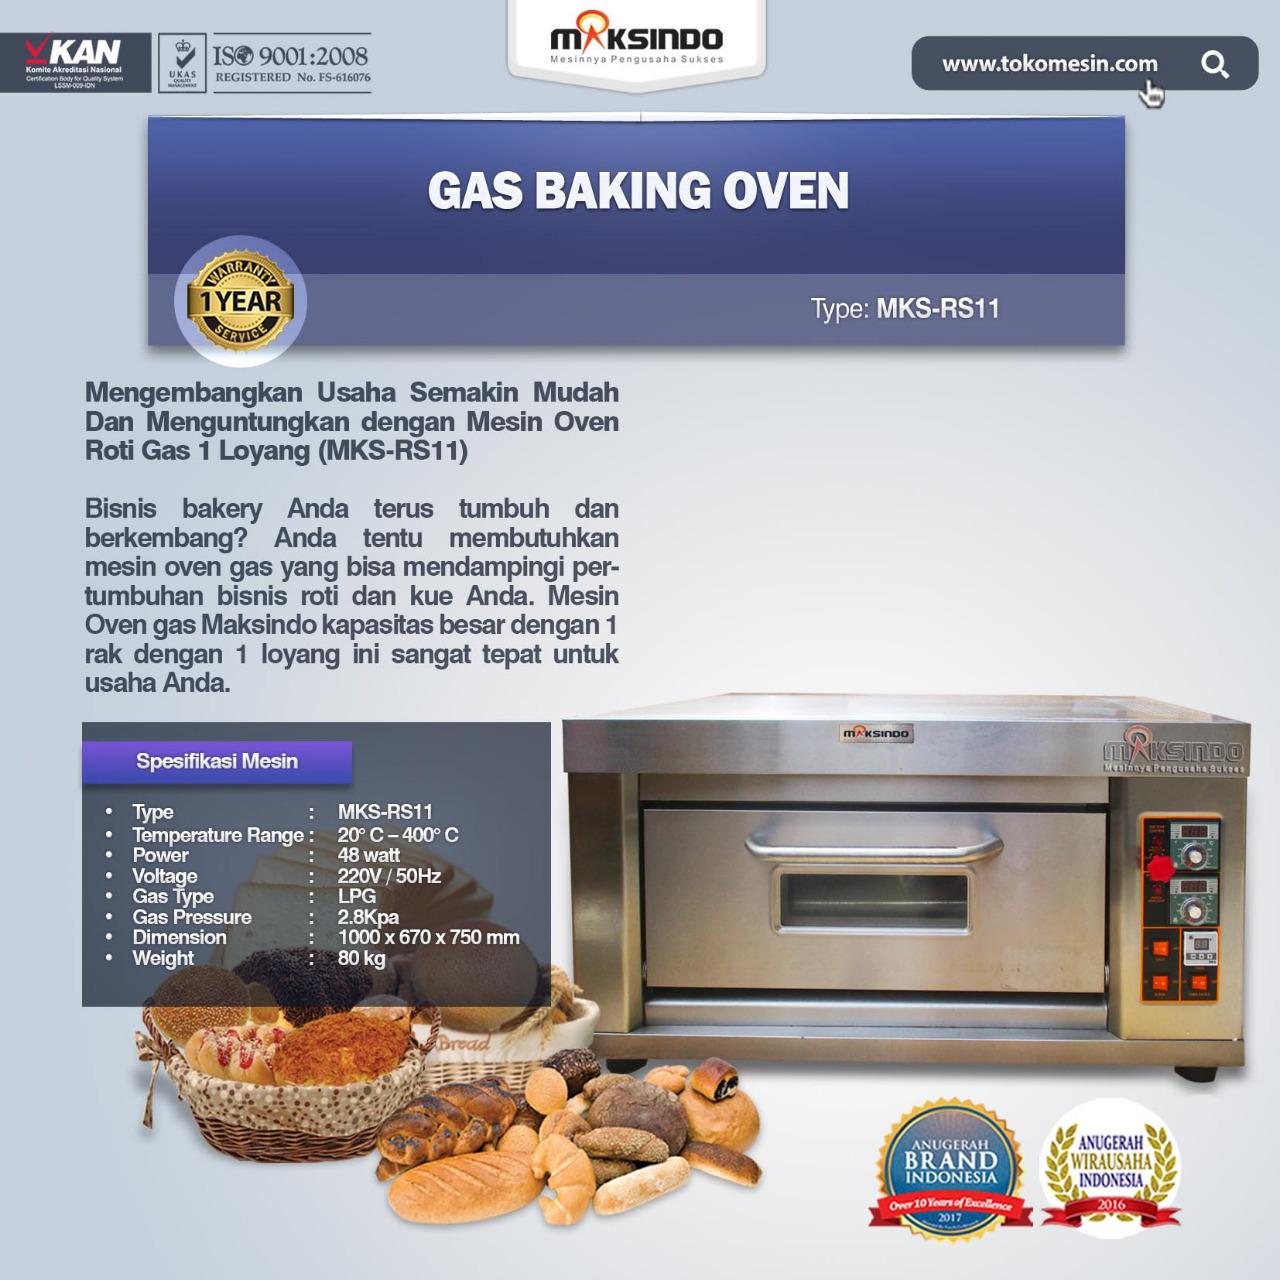 Jual Mesin Oven Roti Gas 1 Loyang (MKS-RS11) di Bogor